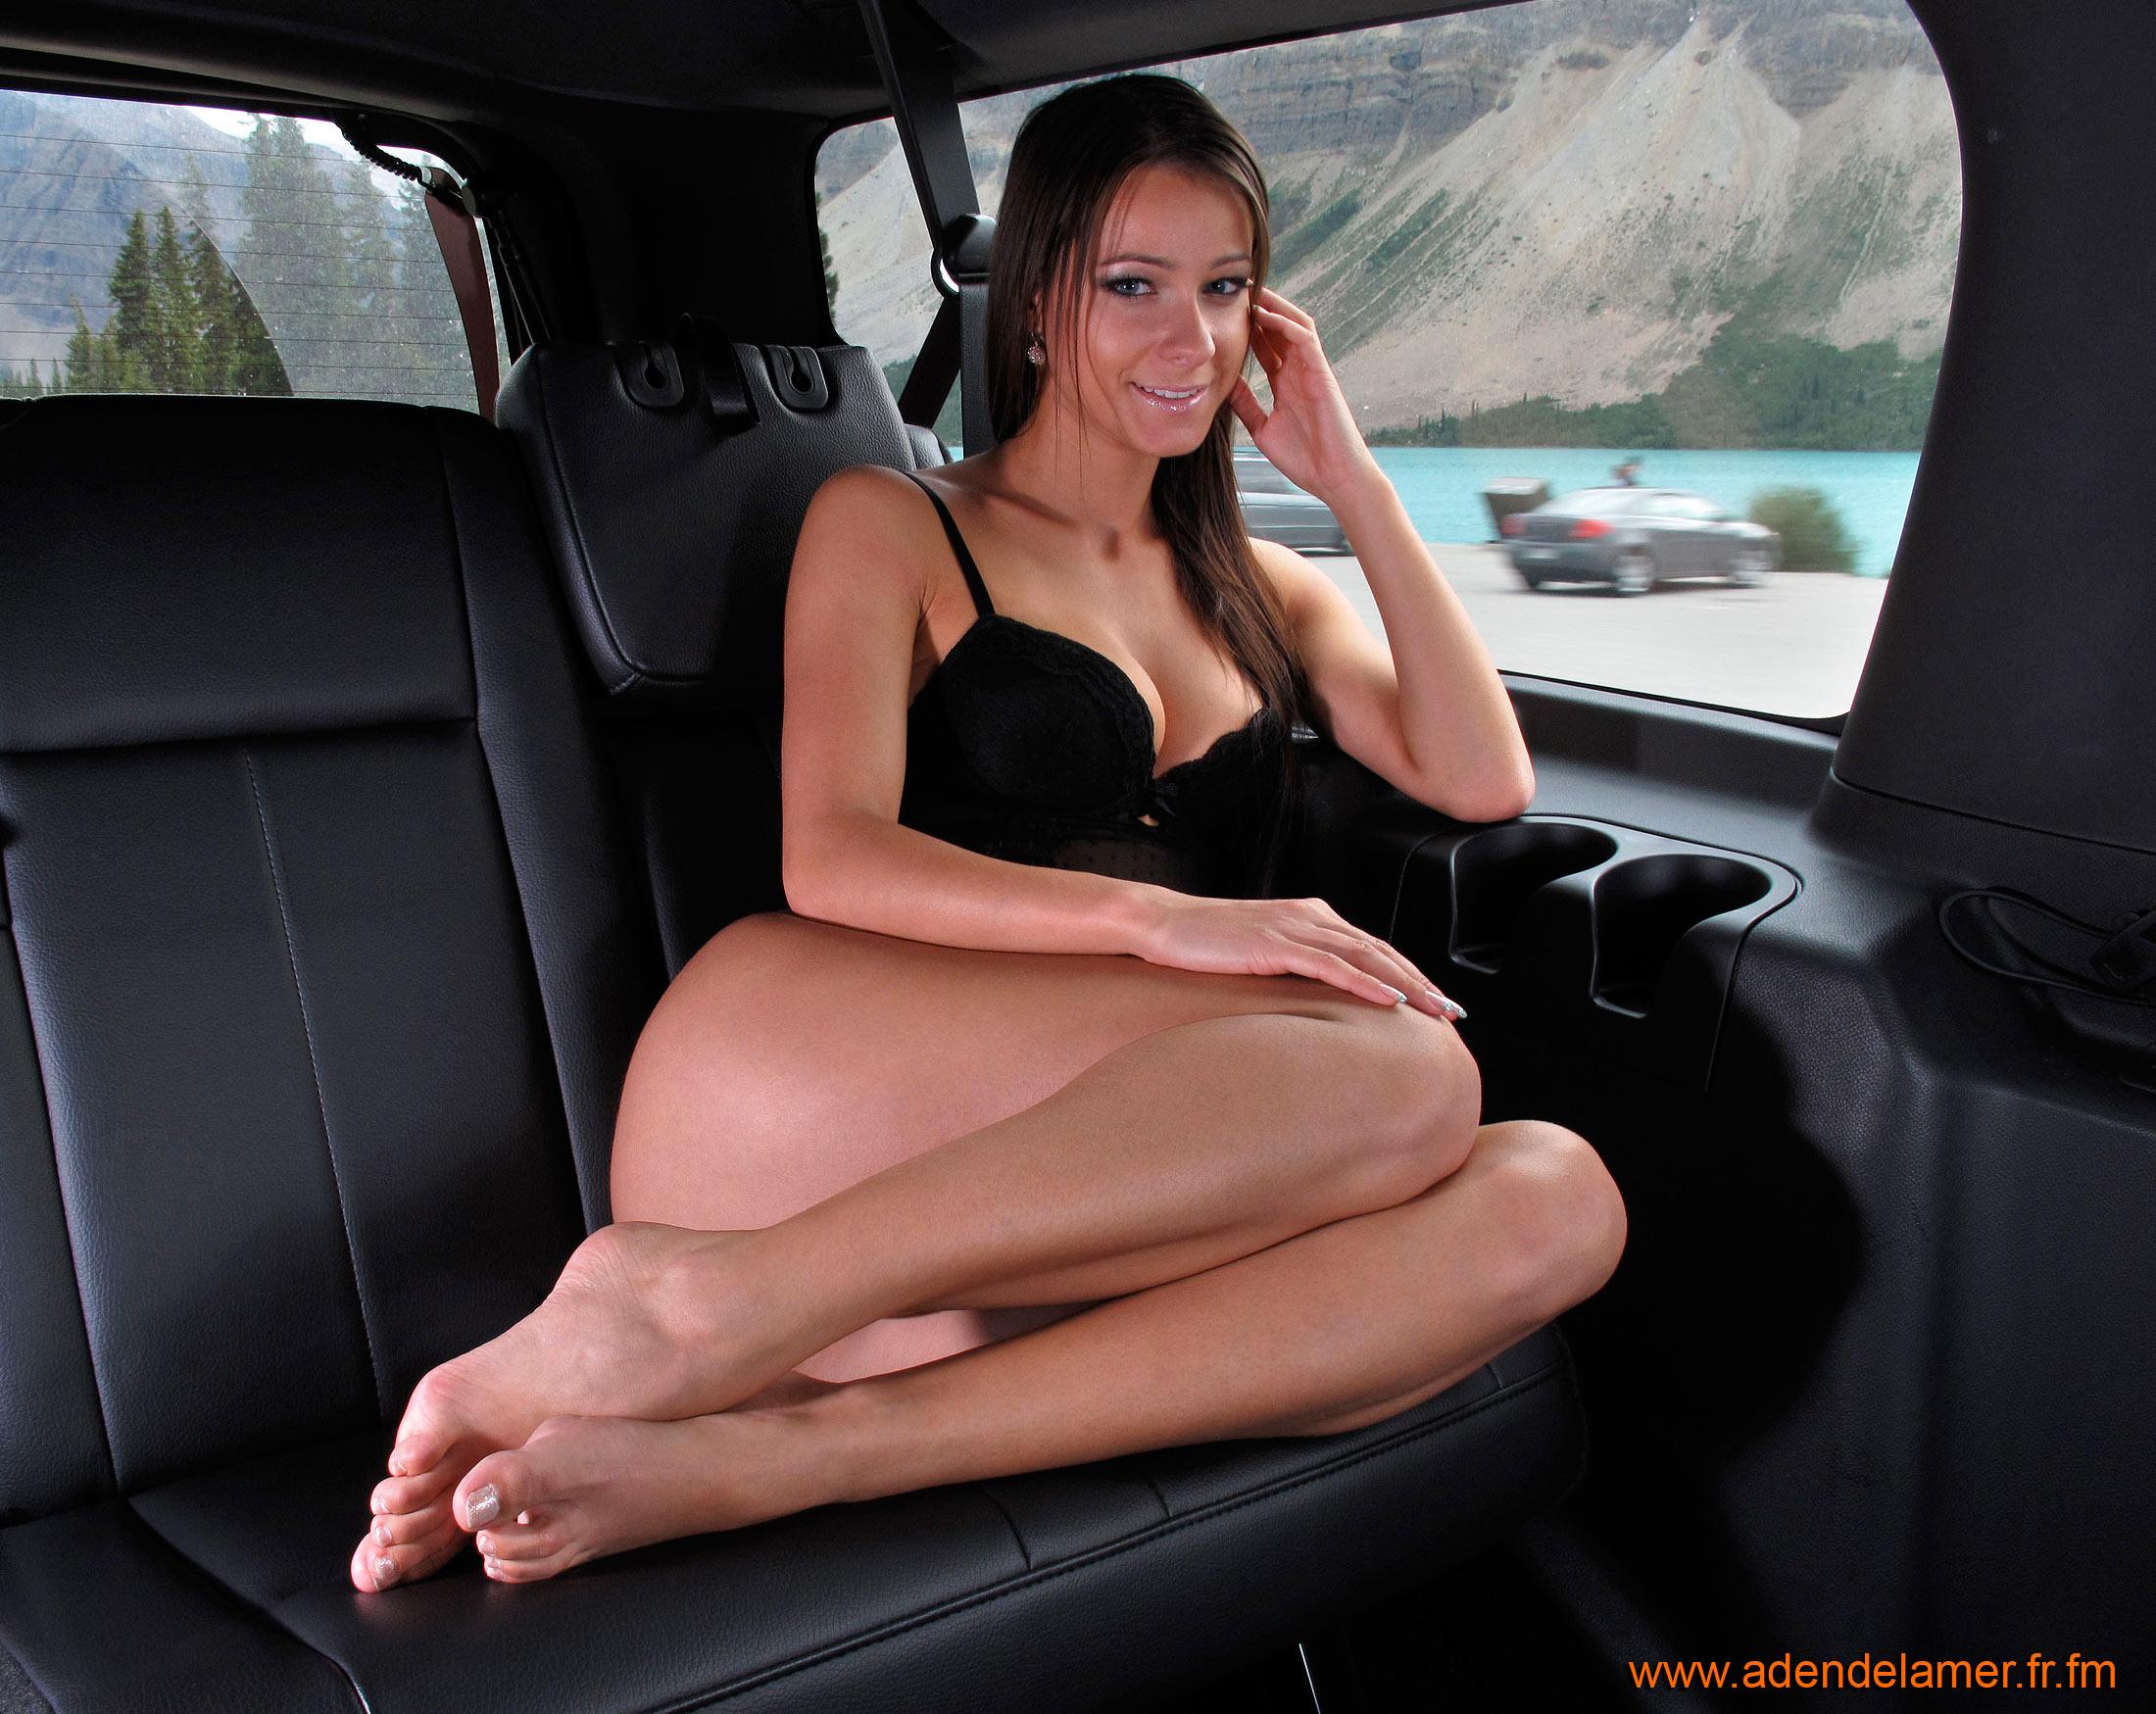 Секс на заднем сидении автомобиля 18 фотография